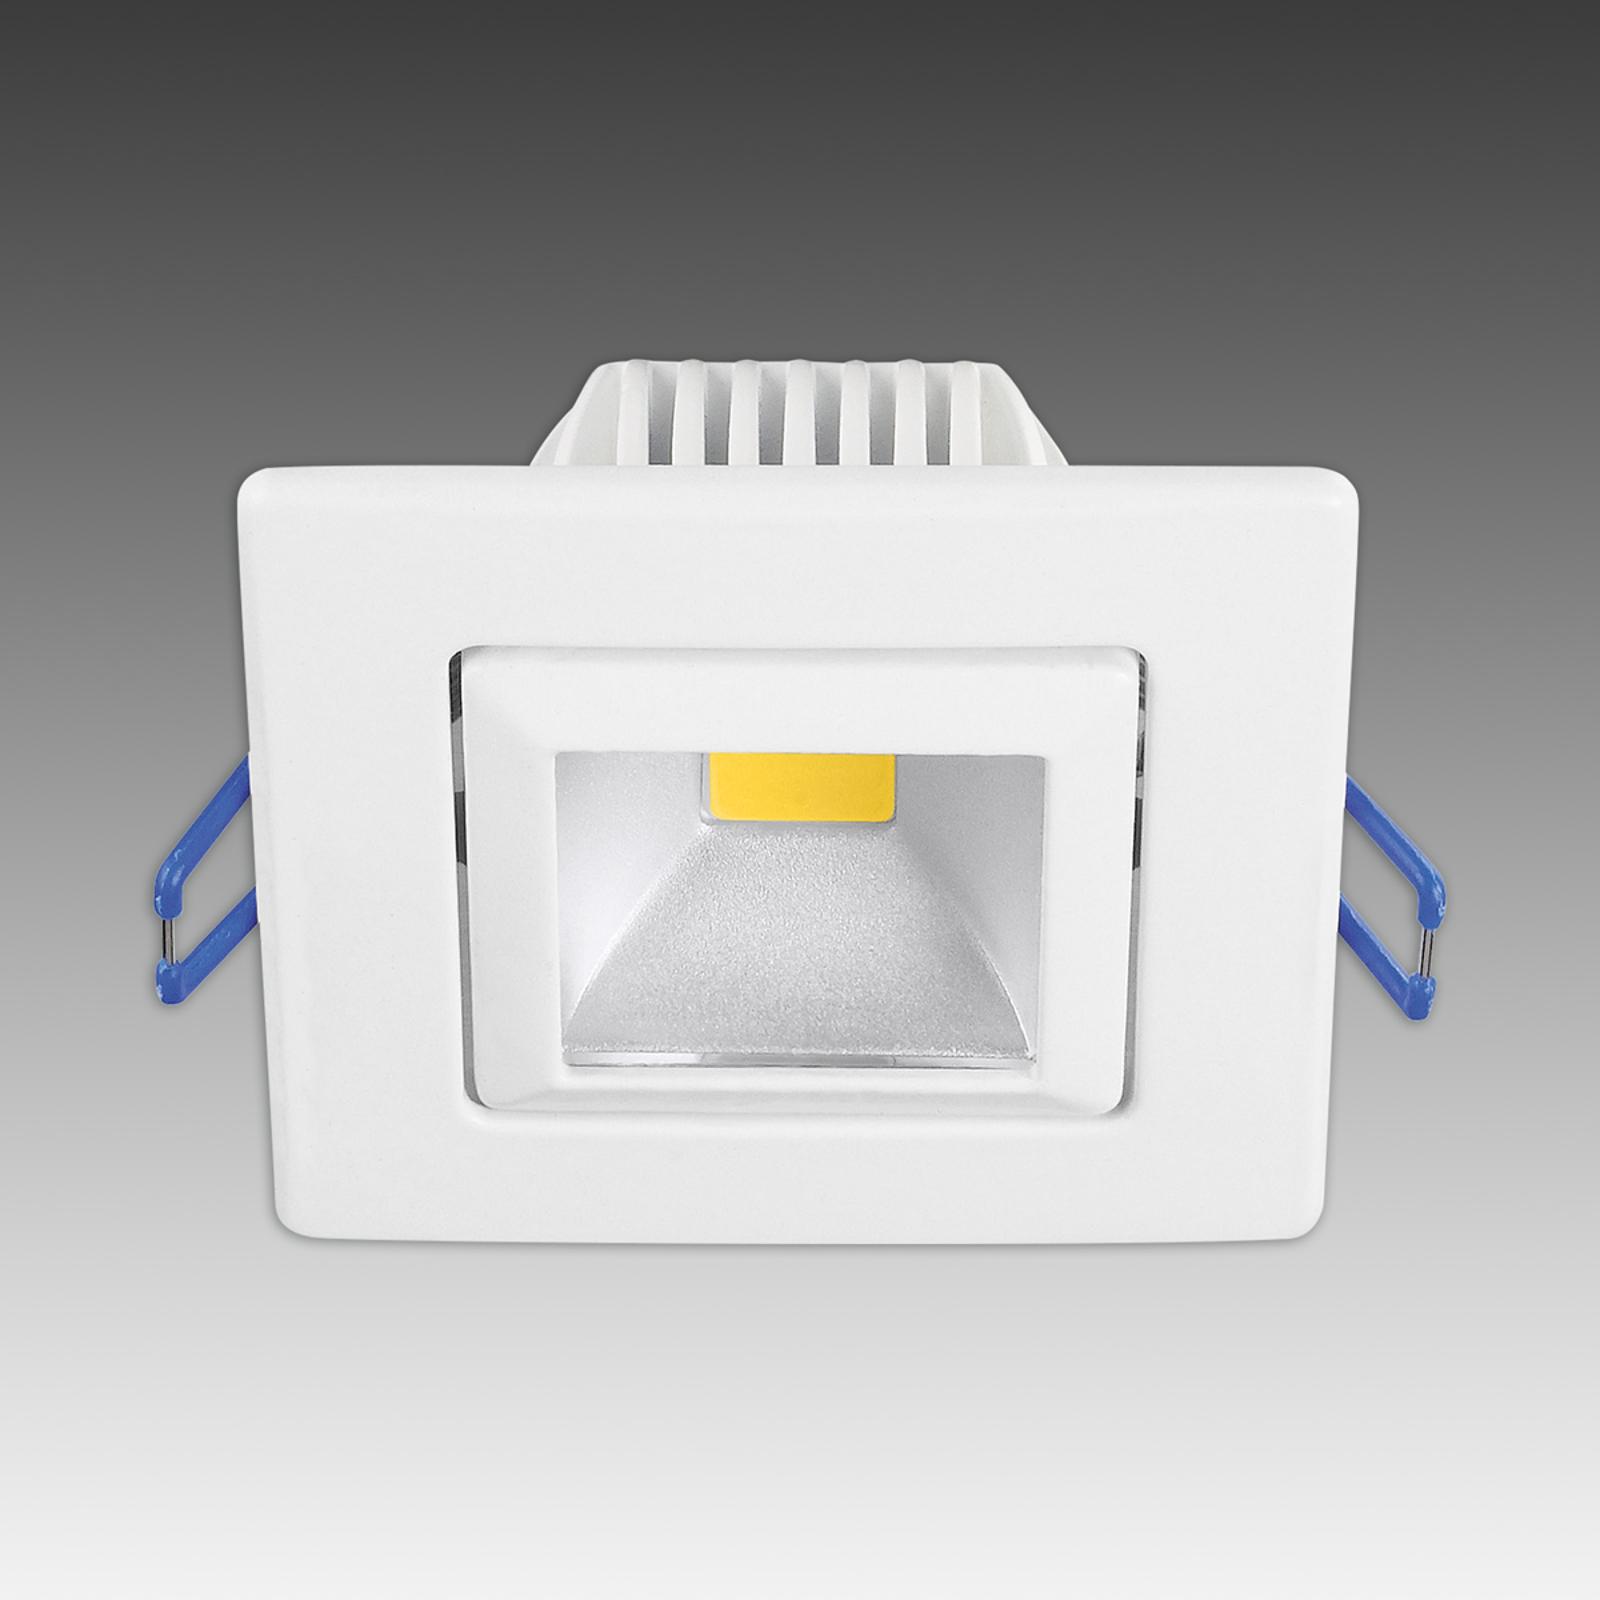 Trendy LED indbygningsspot Pound hvid